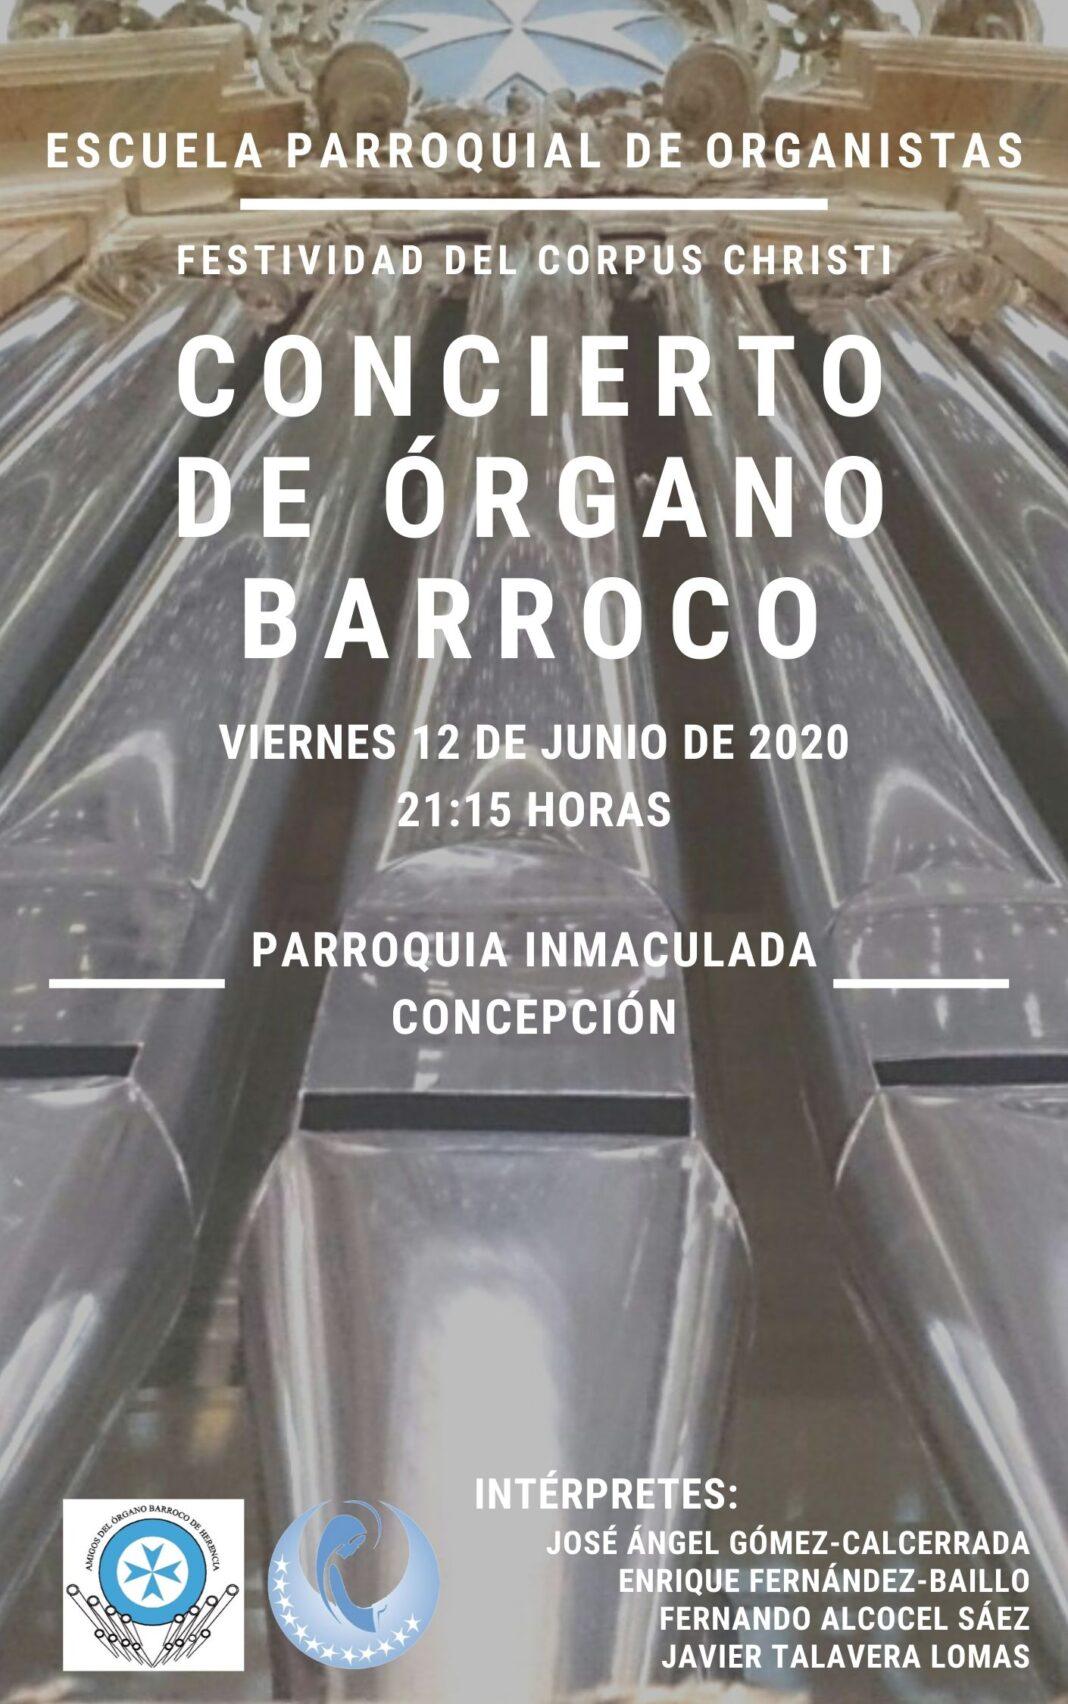 Concierto de la escuela de organistas de la parroquia de Herencia 1